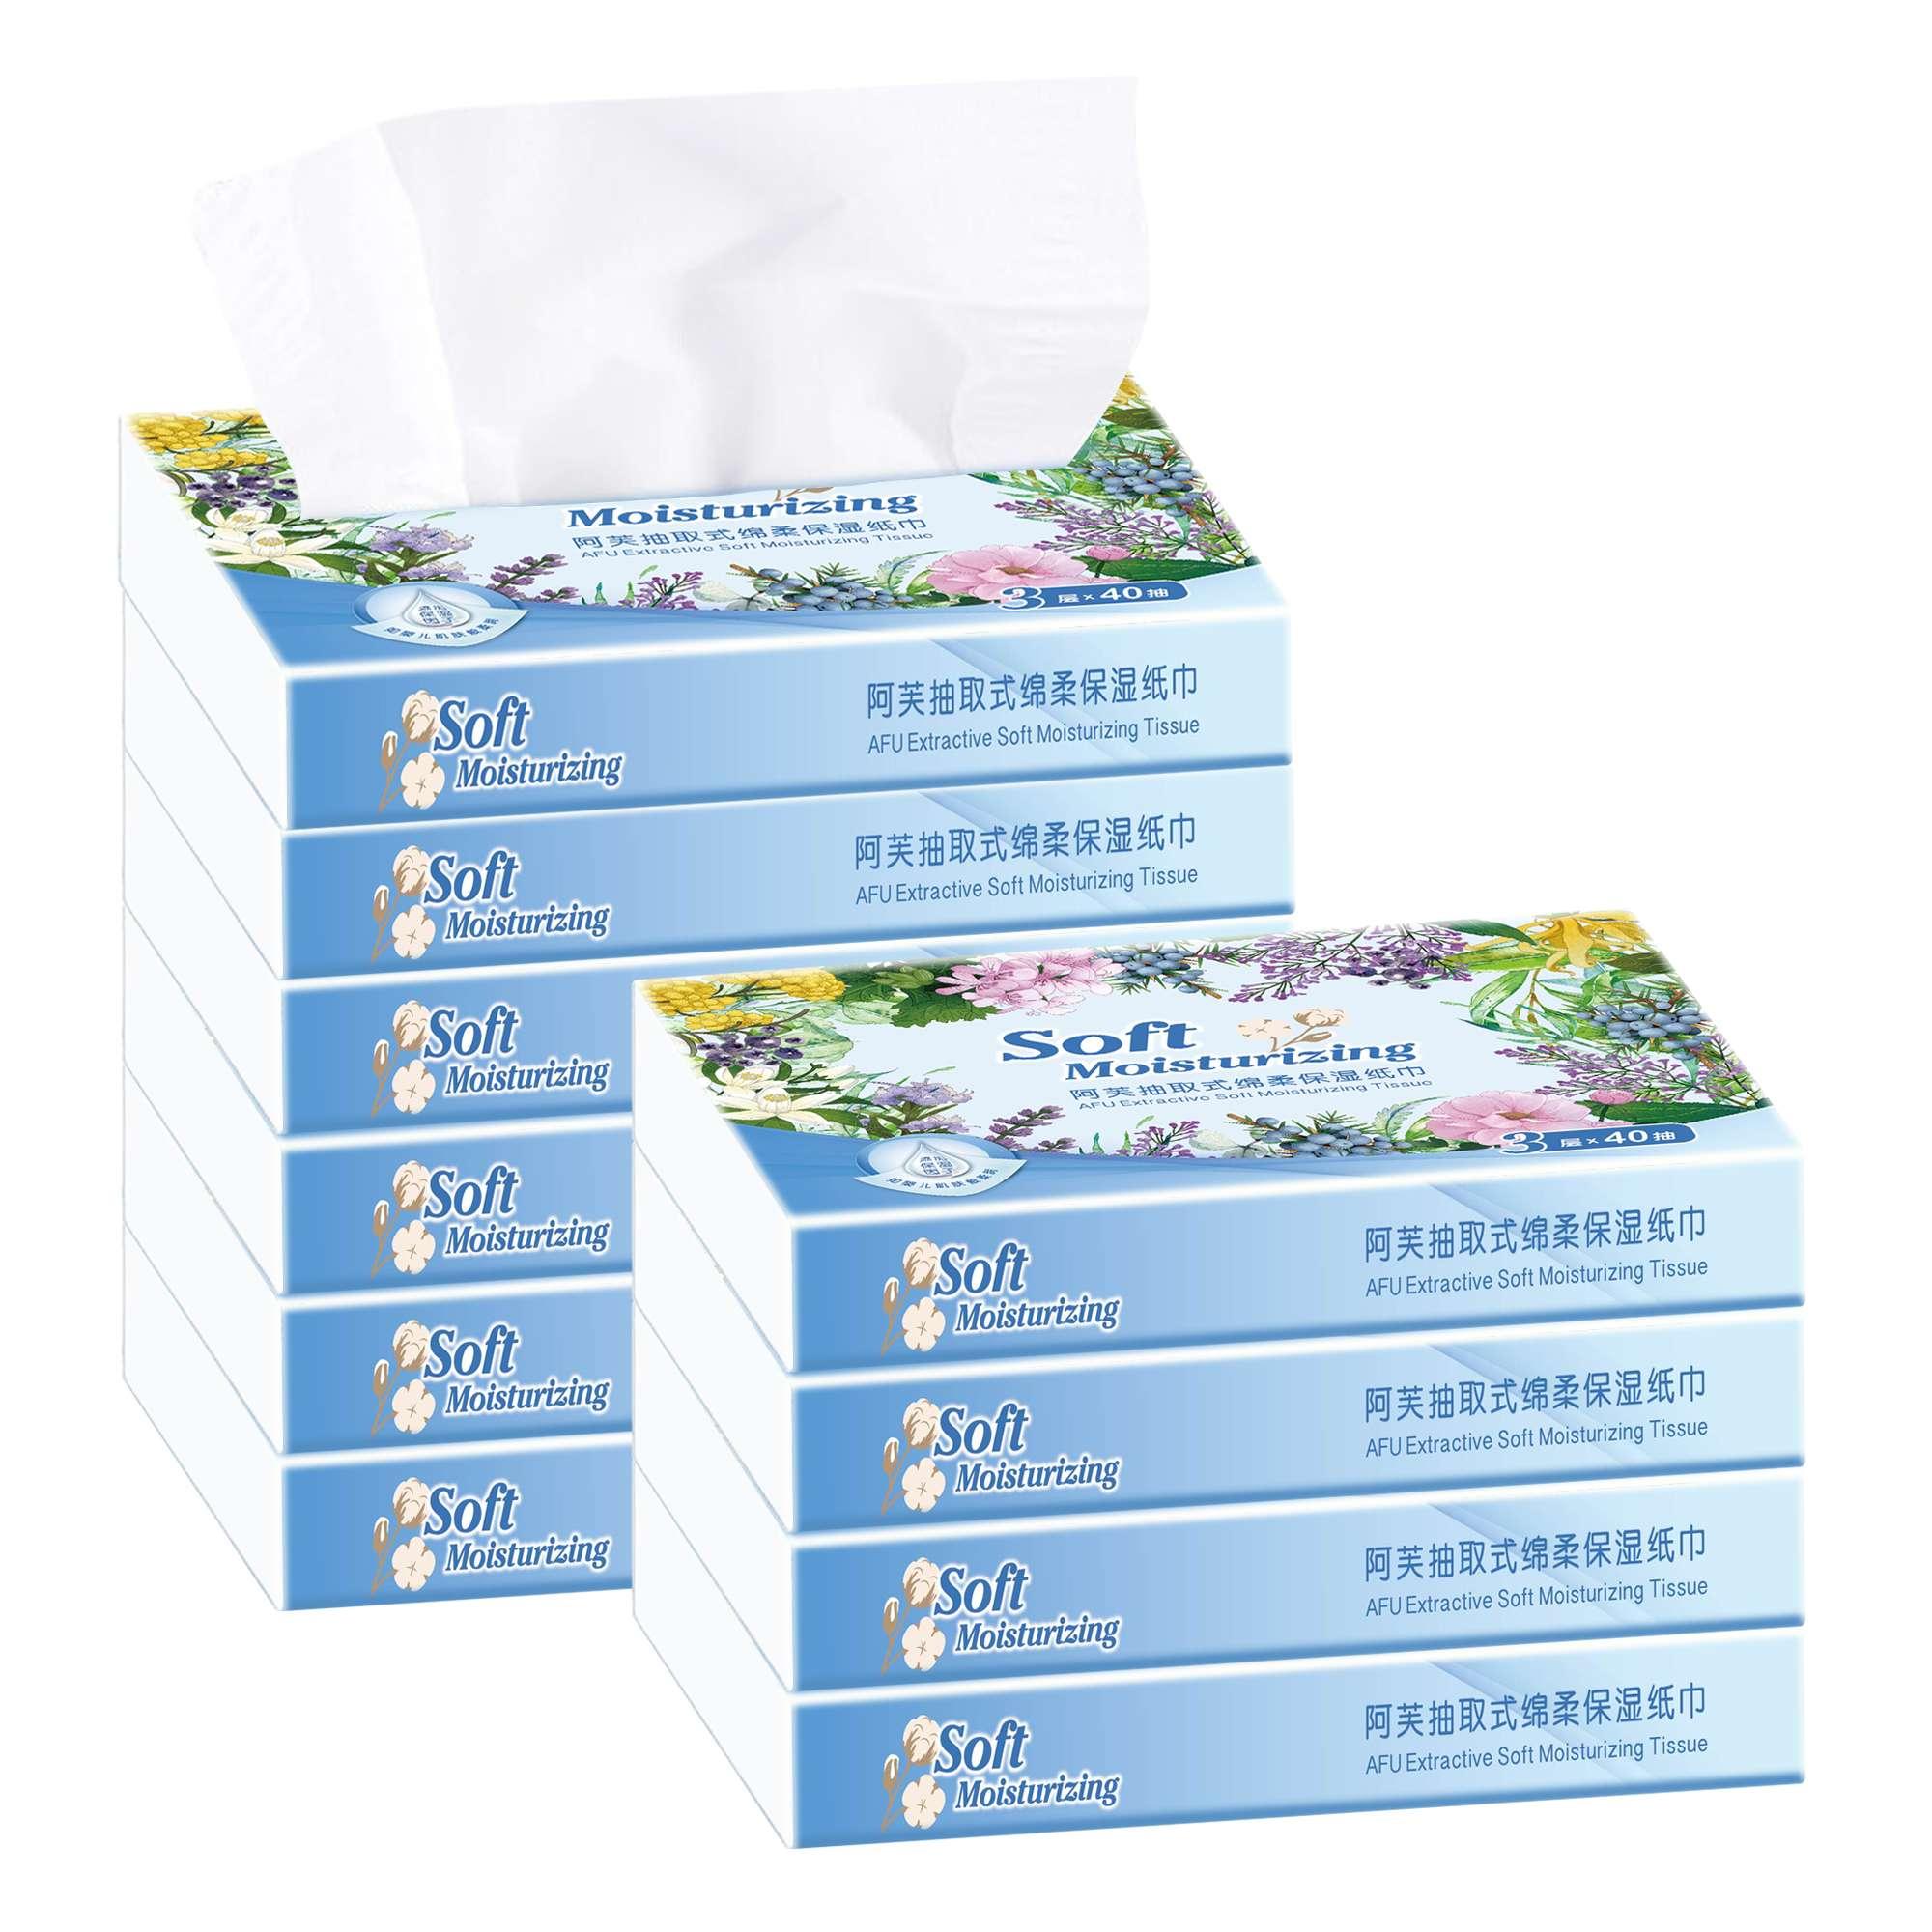 阿芙抽取式绵柔保湿纸巾3层40抽AFU961*1提